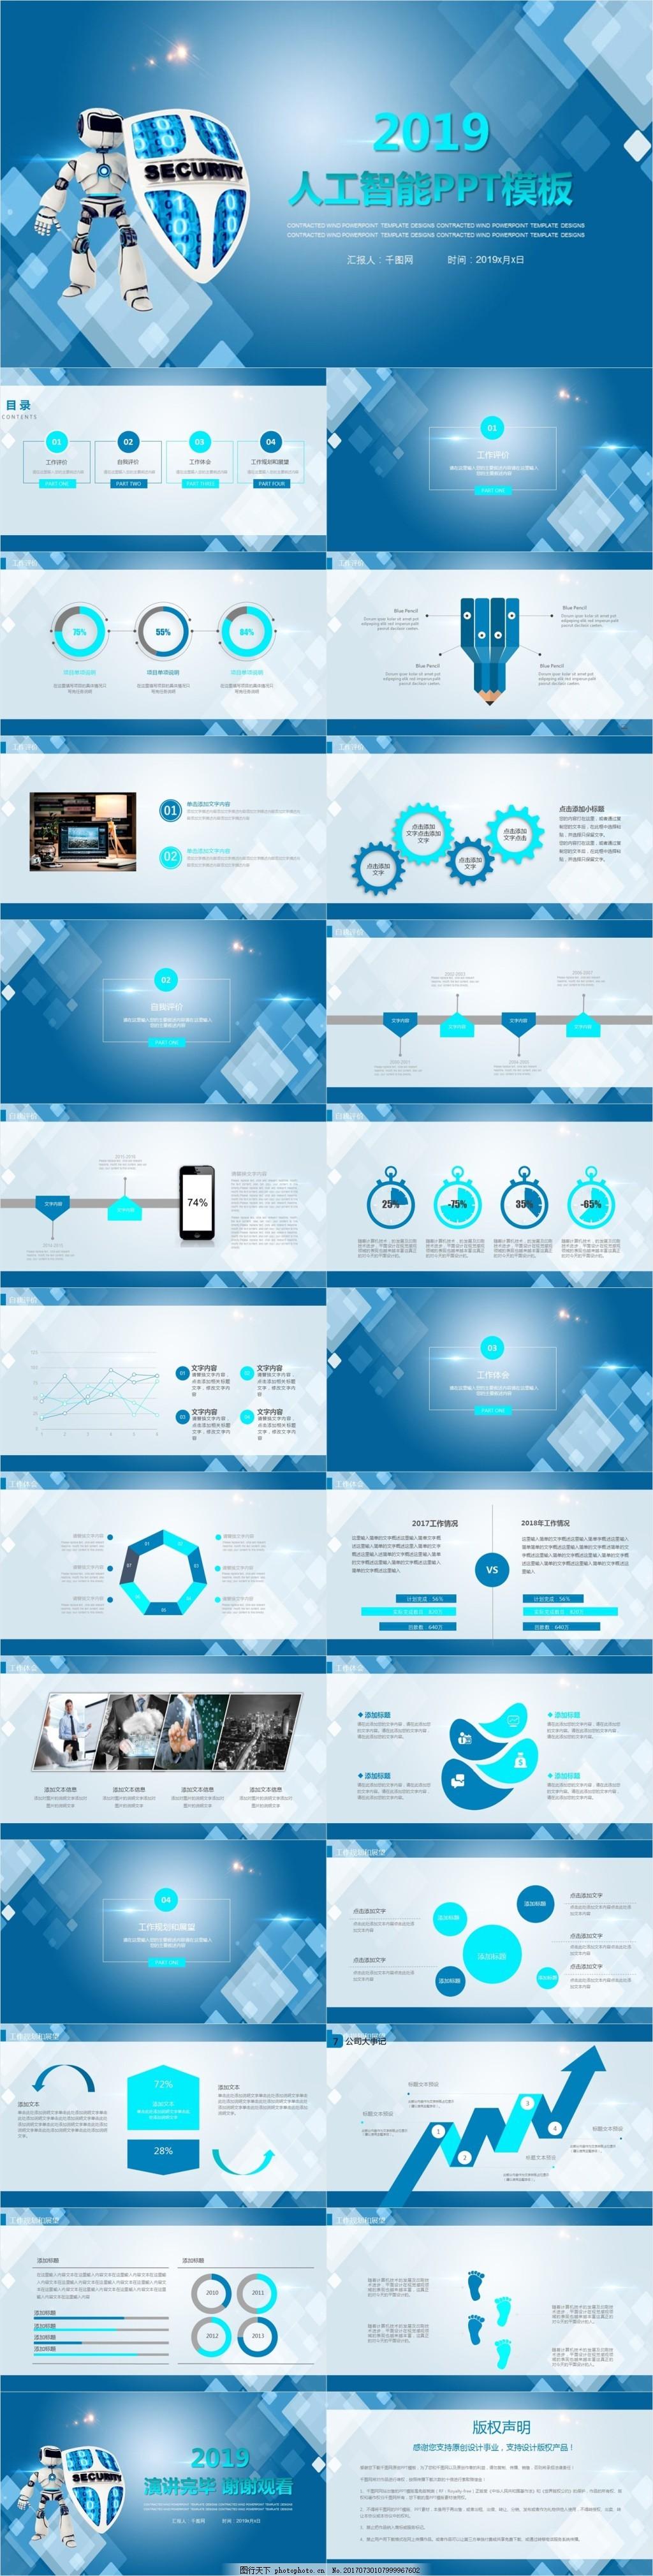 科技信息人工智能网络安全动态PPT模板 云计算 互联网 的 物联网